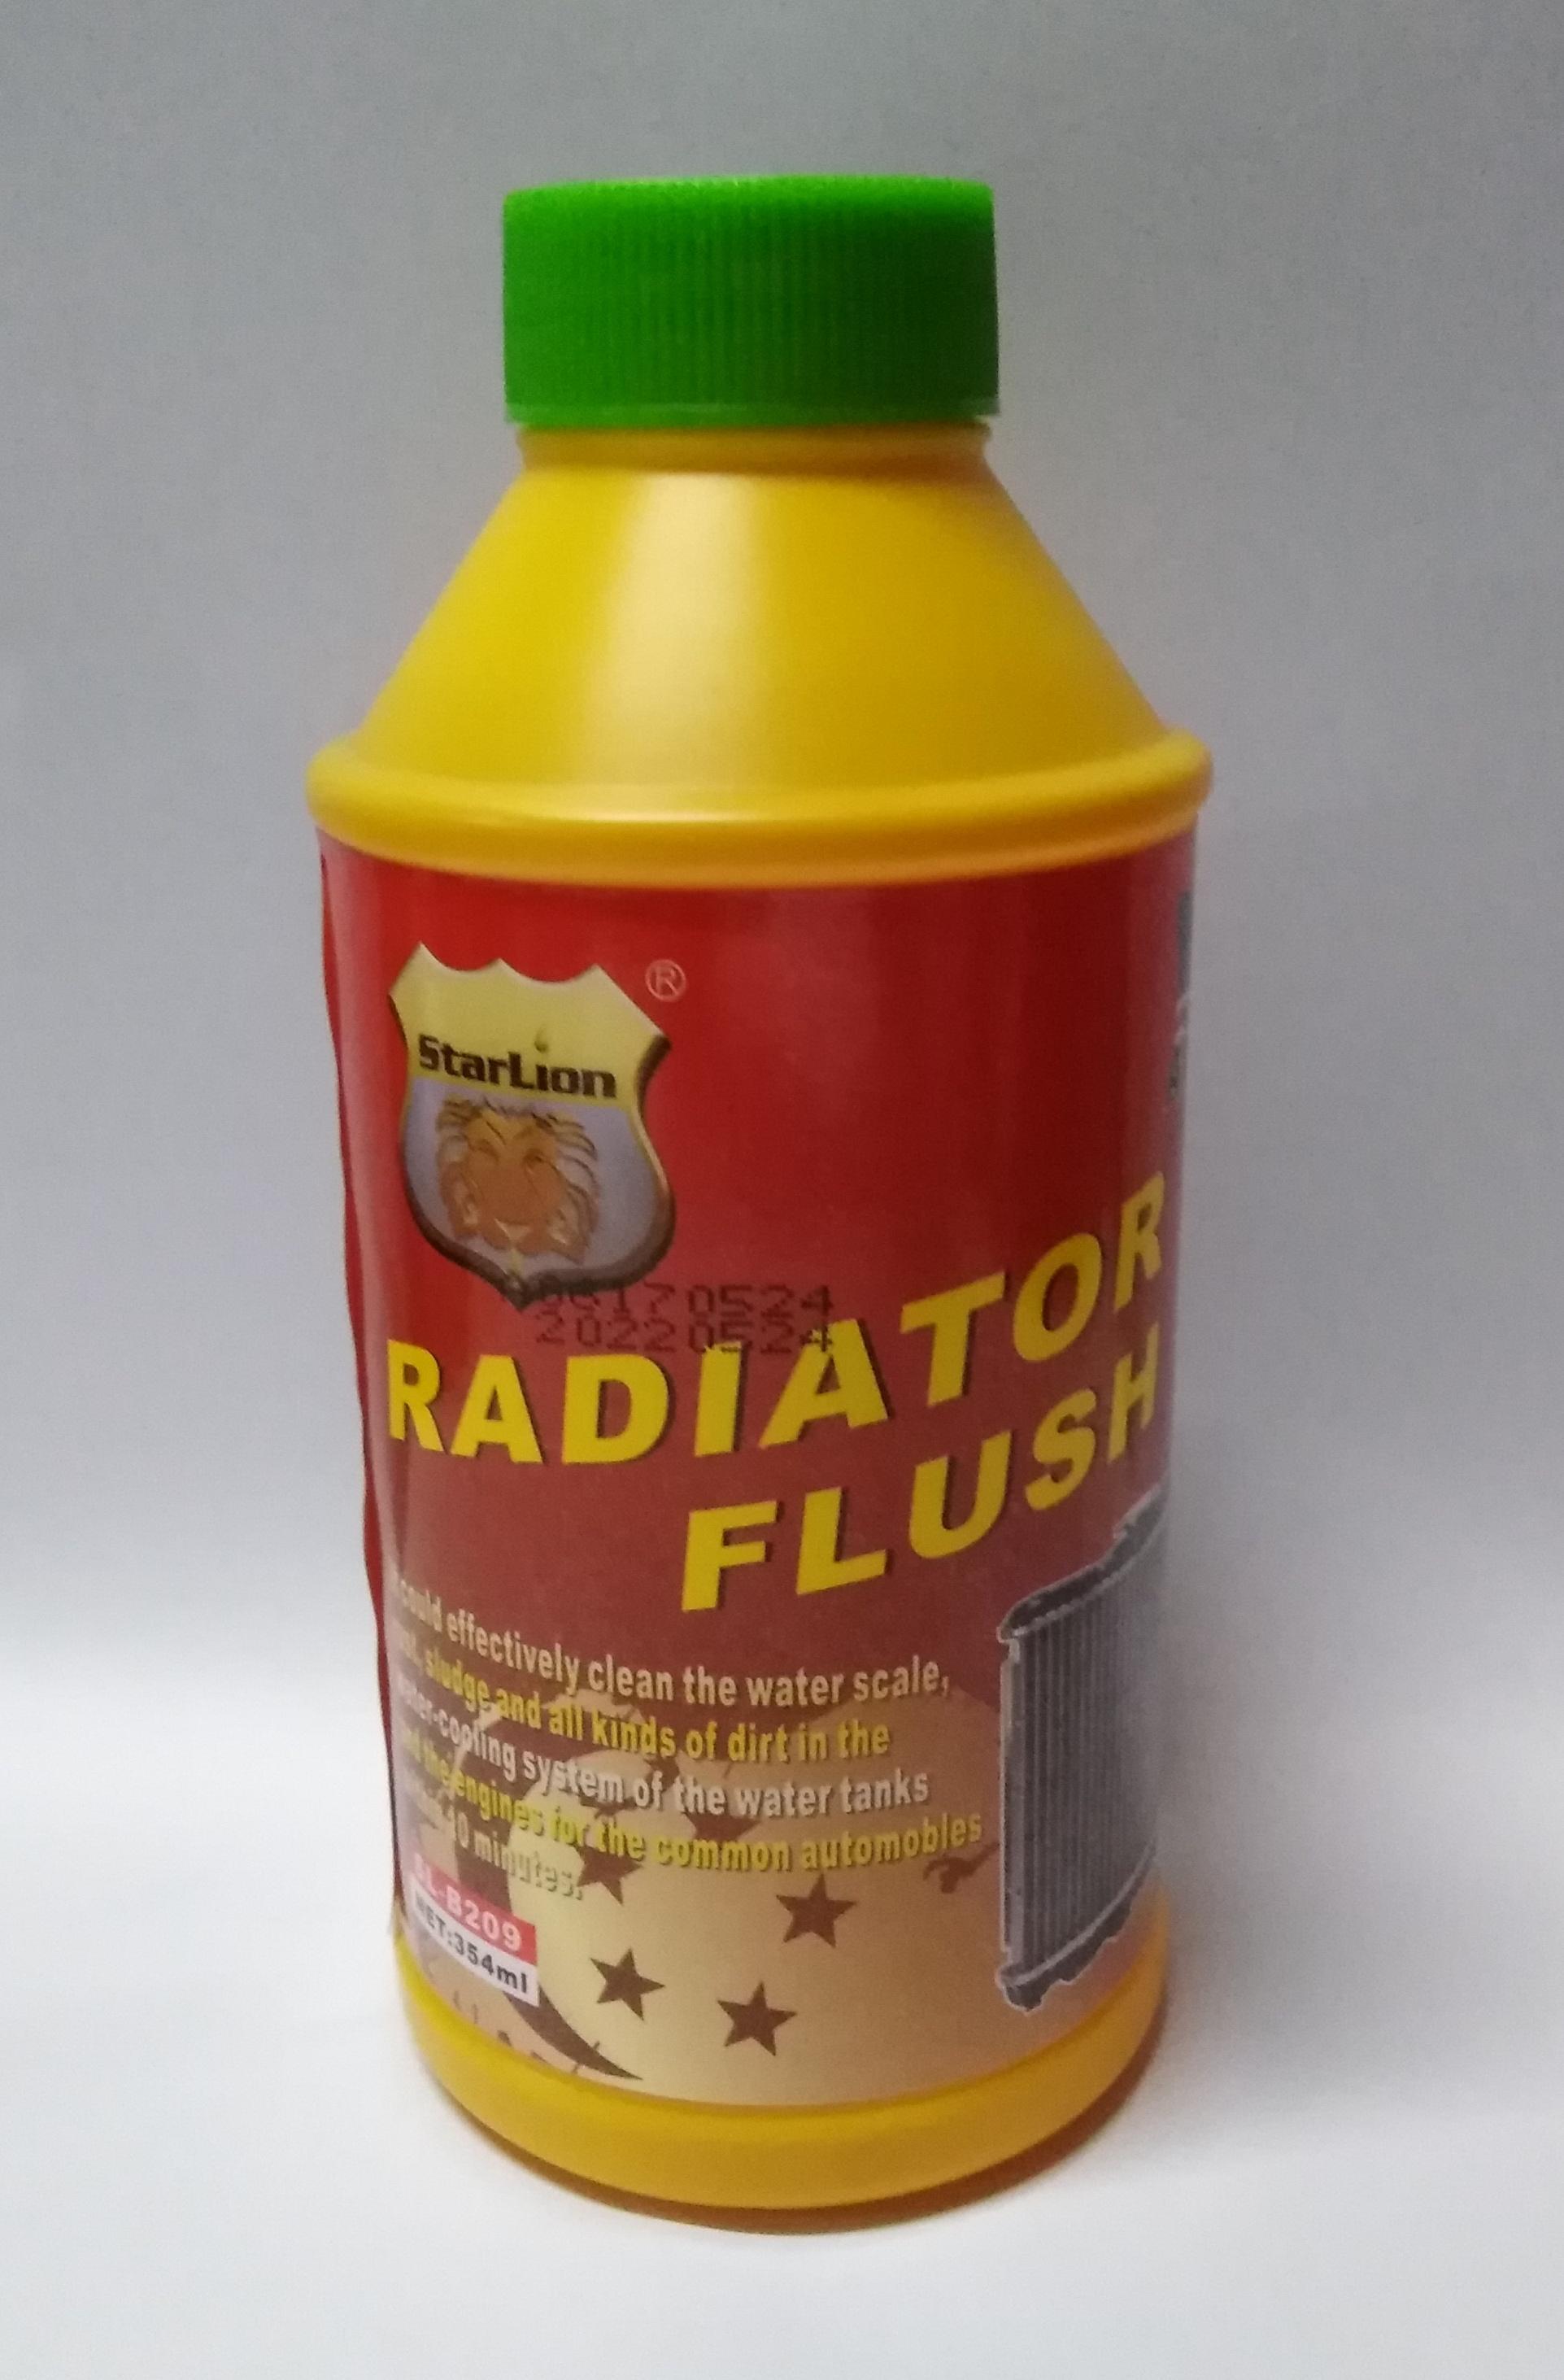 StarLion Radiator Flush 354 ML